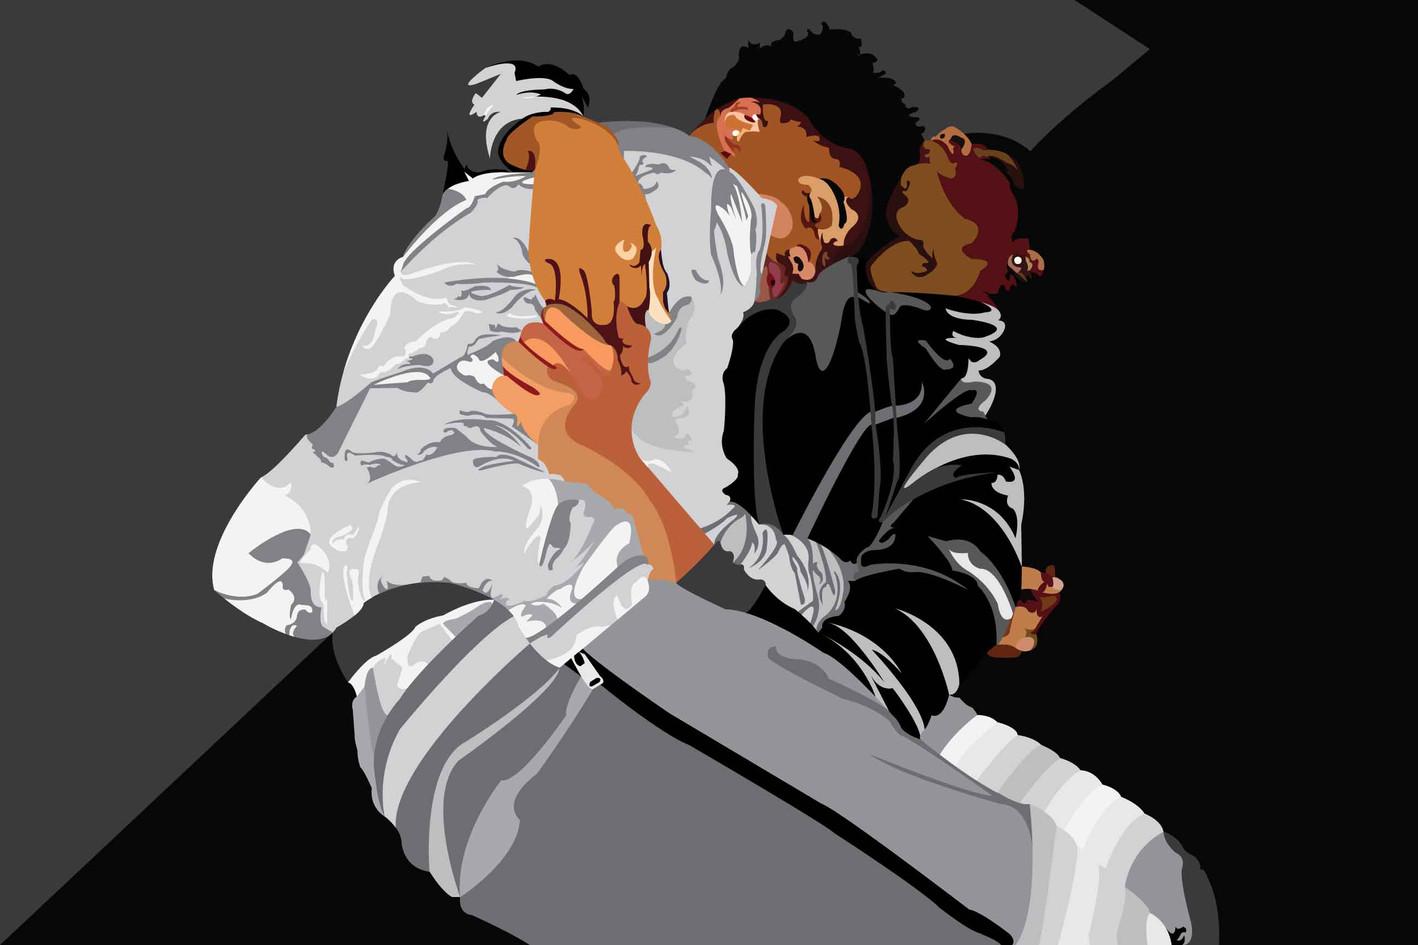 Black boys cuddle too, 2019